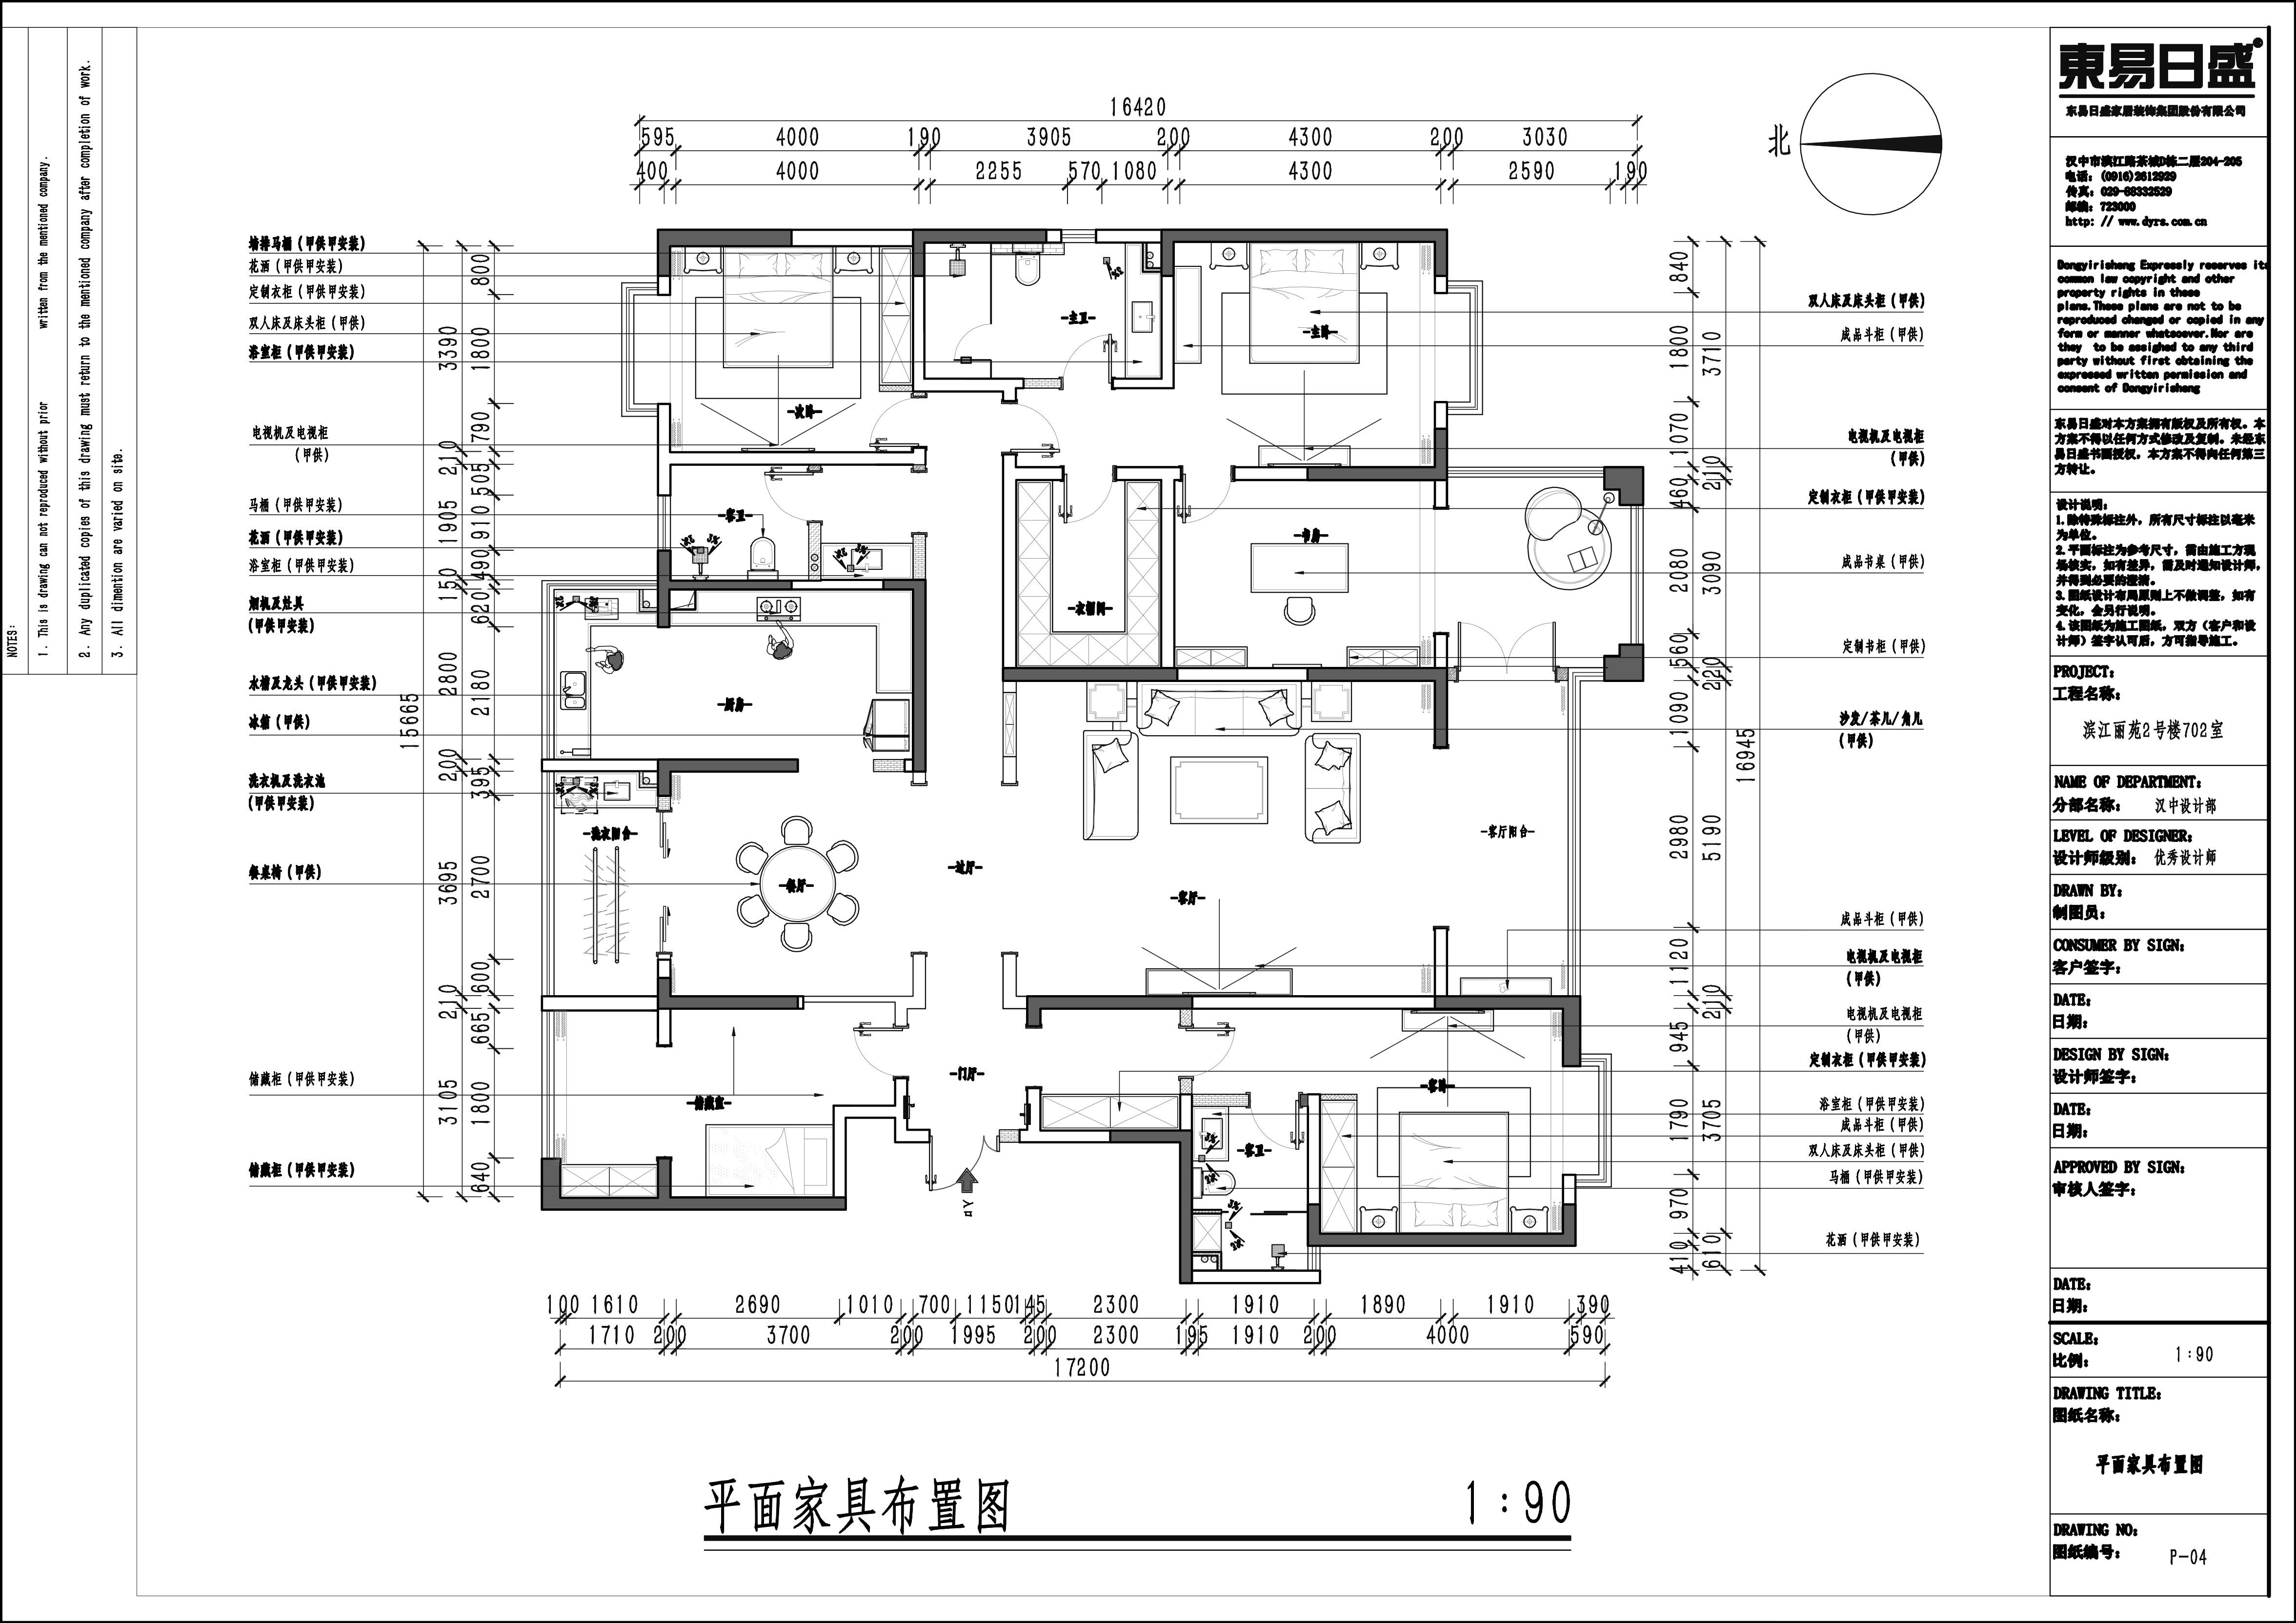 滨江丽苑 现代美式装潢成果图 跃层  260m/2装潢策划愿景